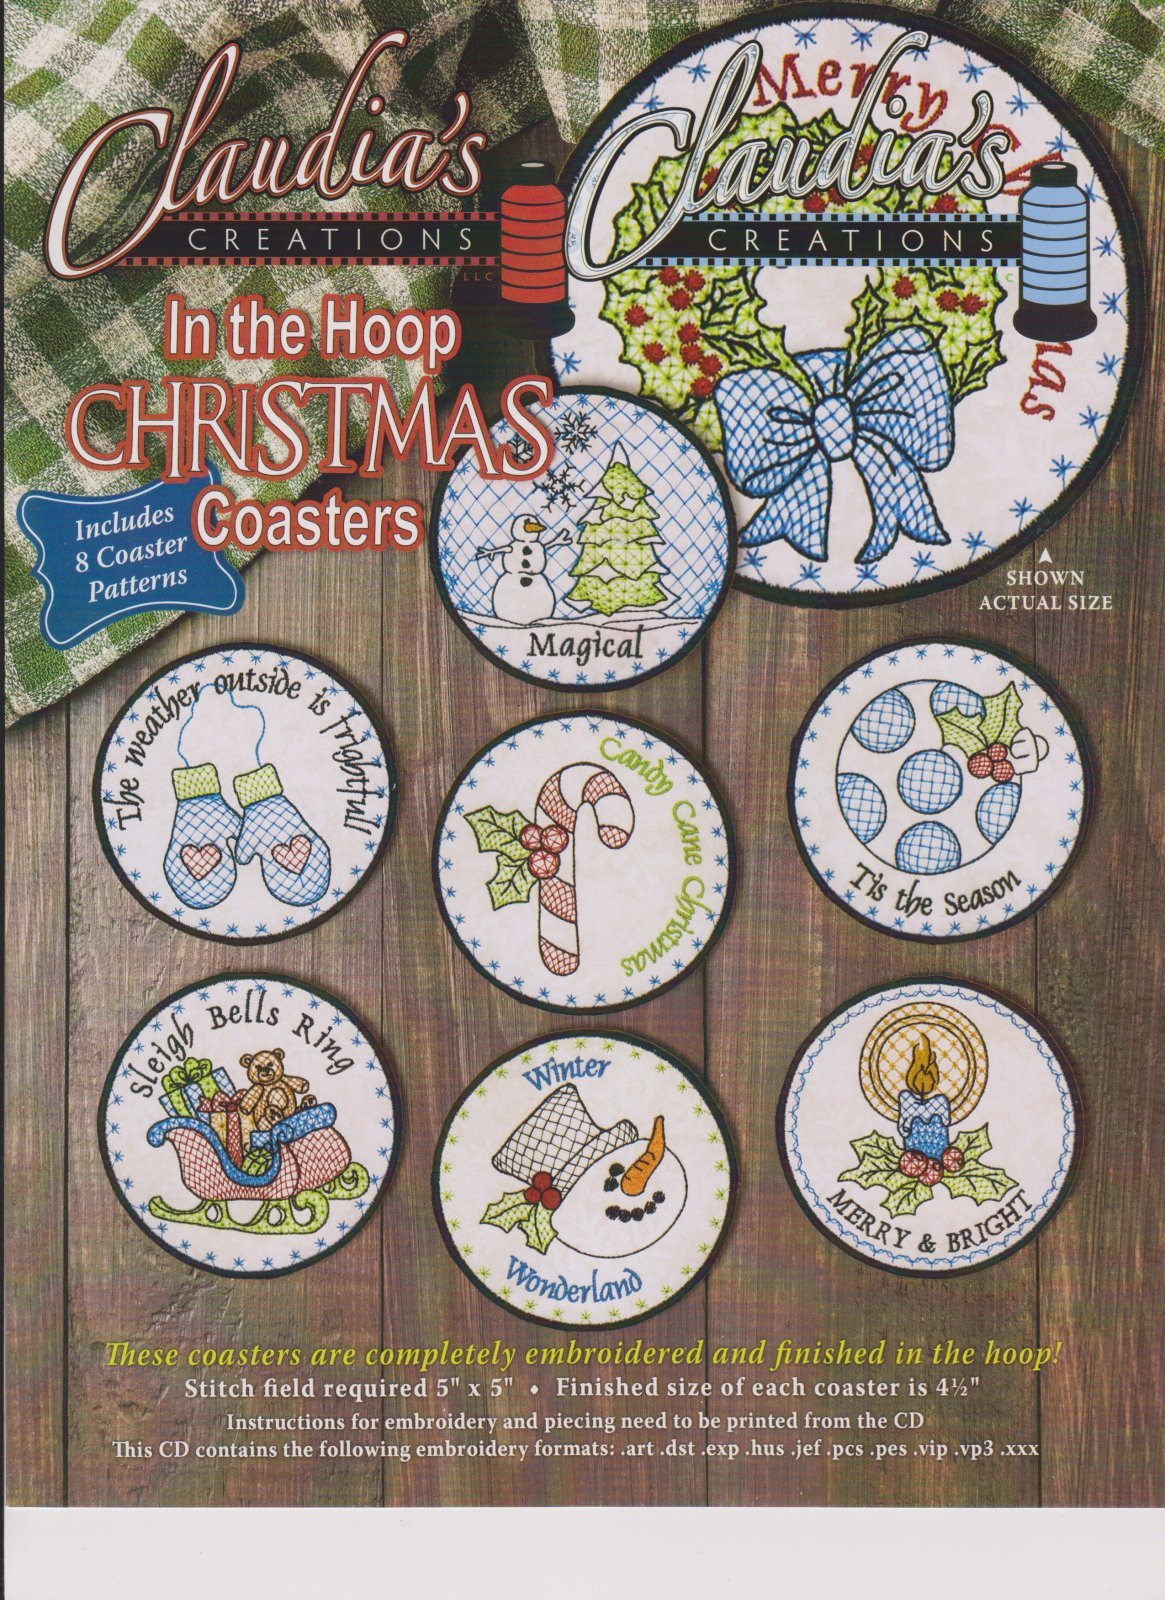 In the Hoop Christmas Coasters